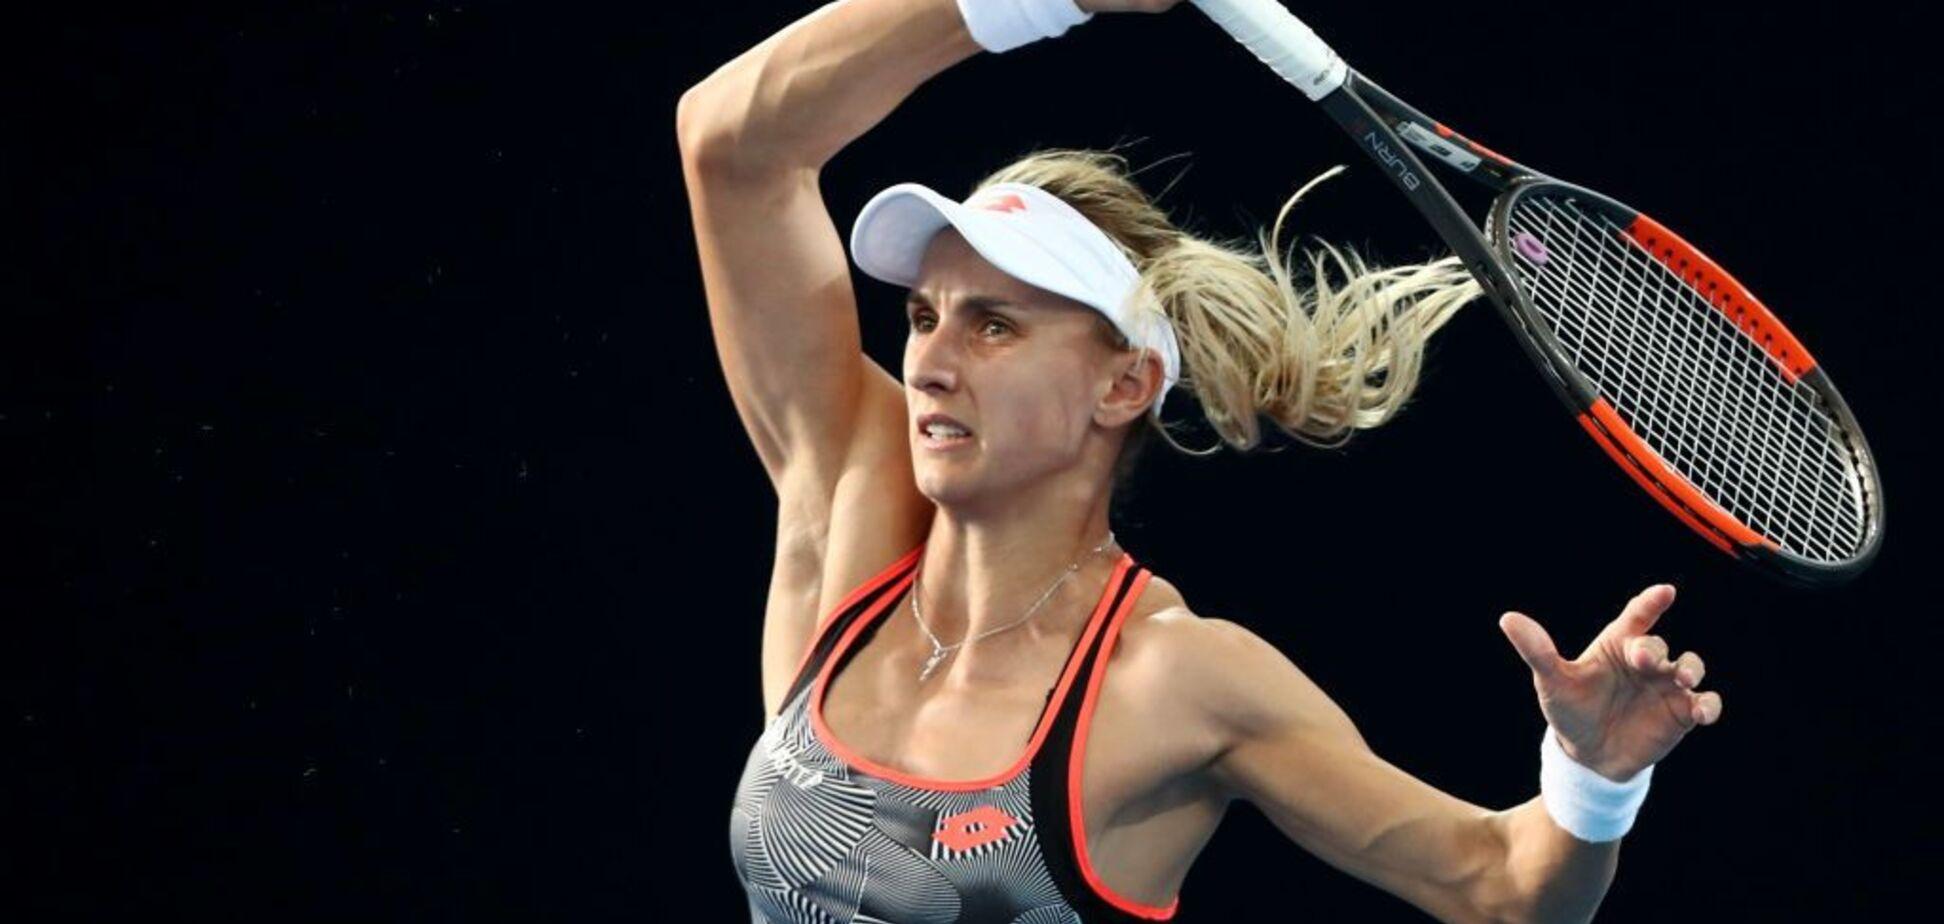 Украинская теннисистка драматично проиграла в финале супертурнира в Австралии